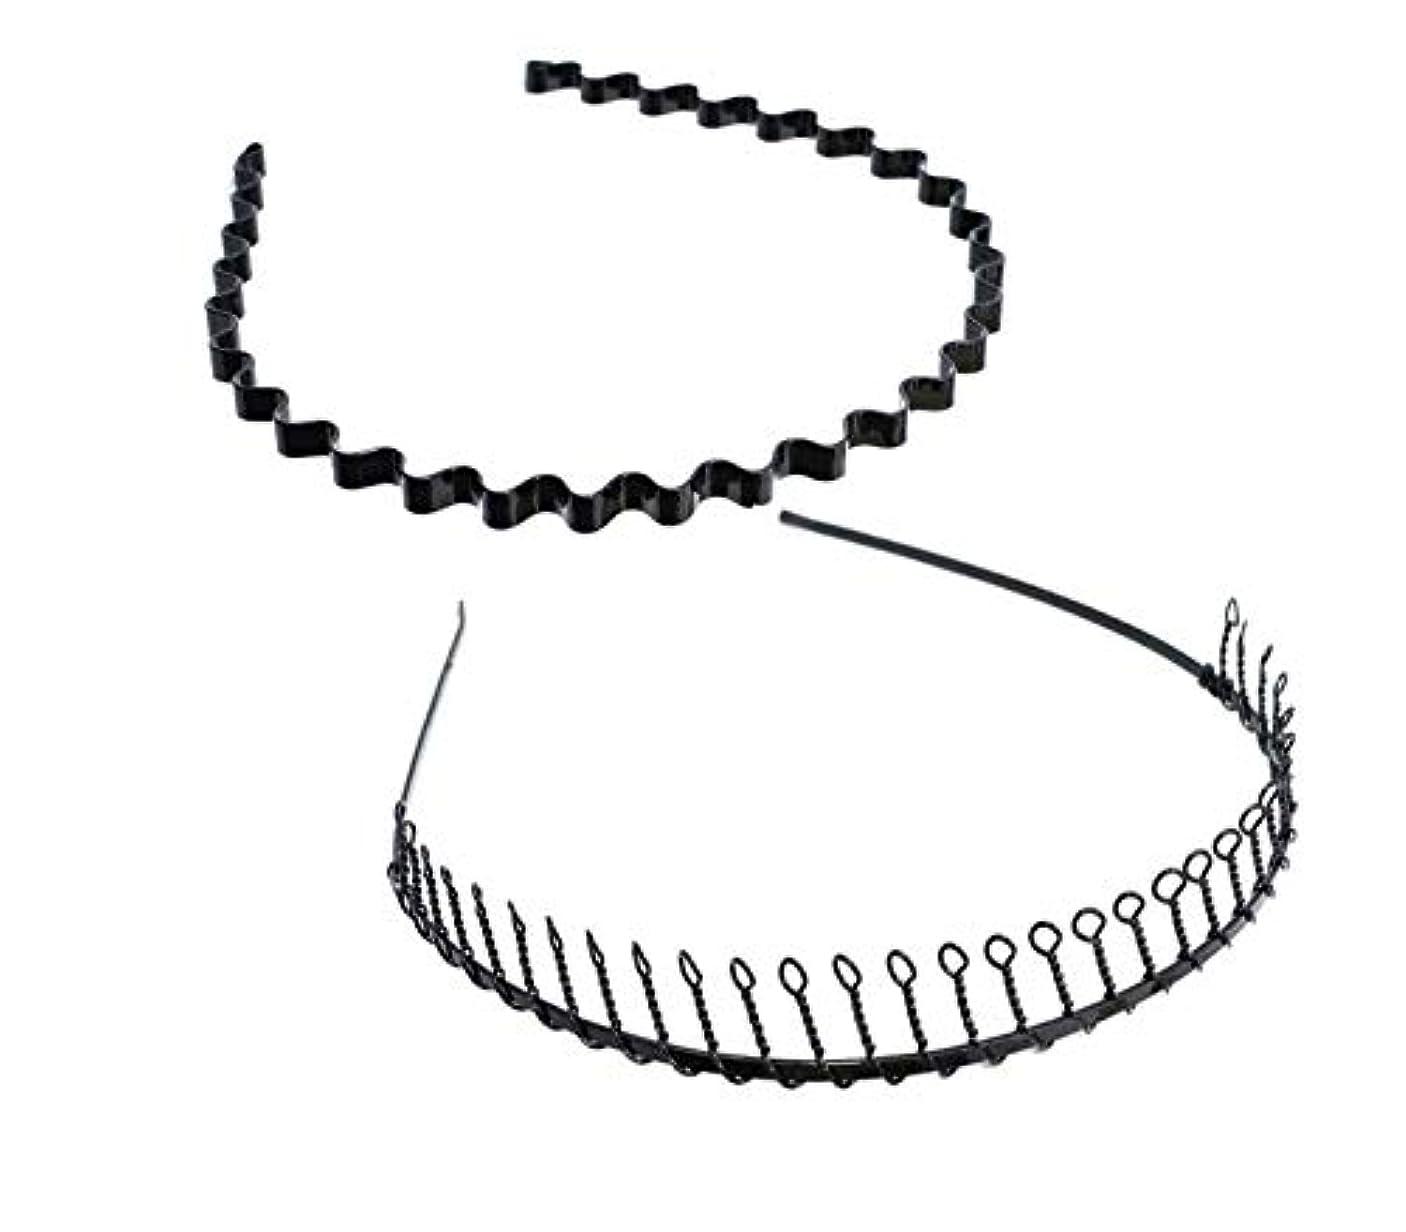 アサート従順なかき混ぜるSALOCY カチューシャ メンズ コイルヘアバンド カチューシャ スプリング 髪留め 固定 ヘアアクセサリー 波型 くし付き 滑り止め 痛くない 前髪 髪飾り 男女兼用 2本 セット